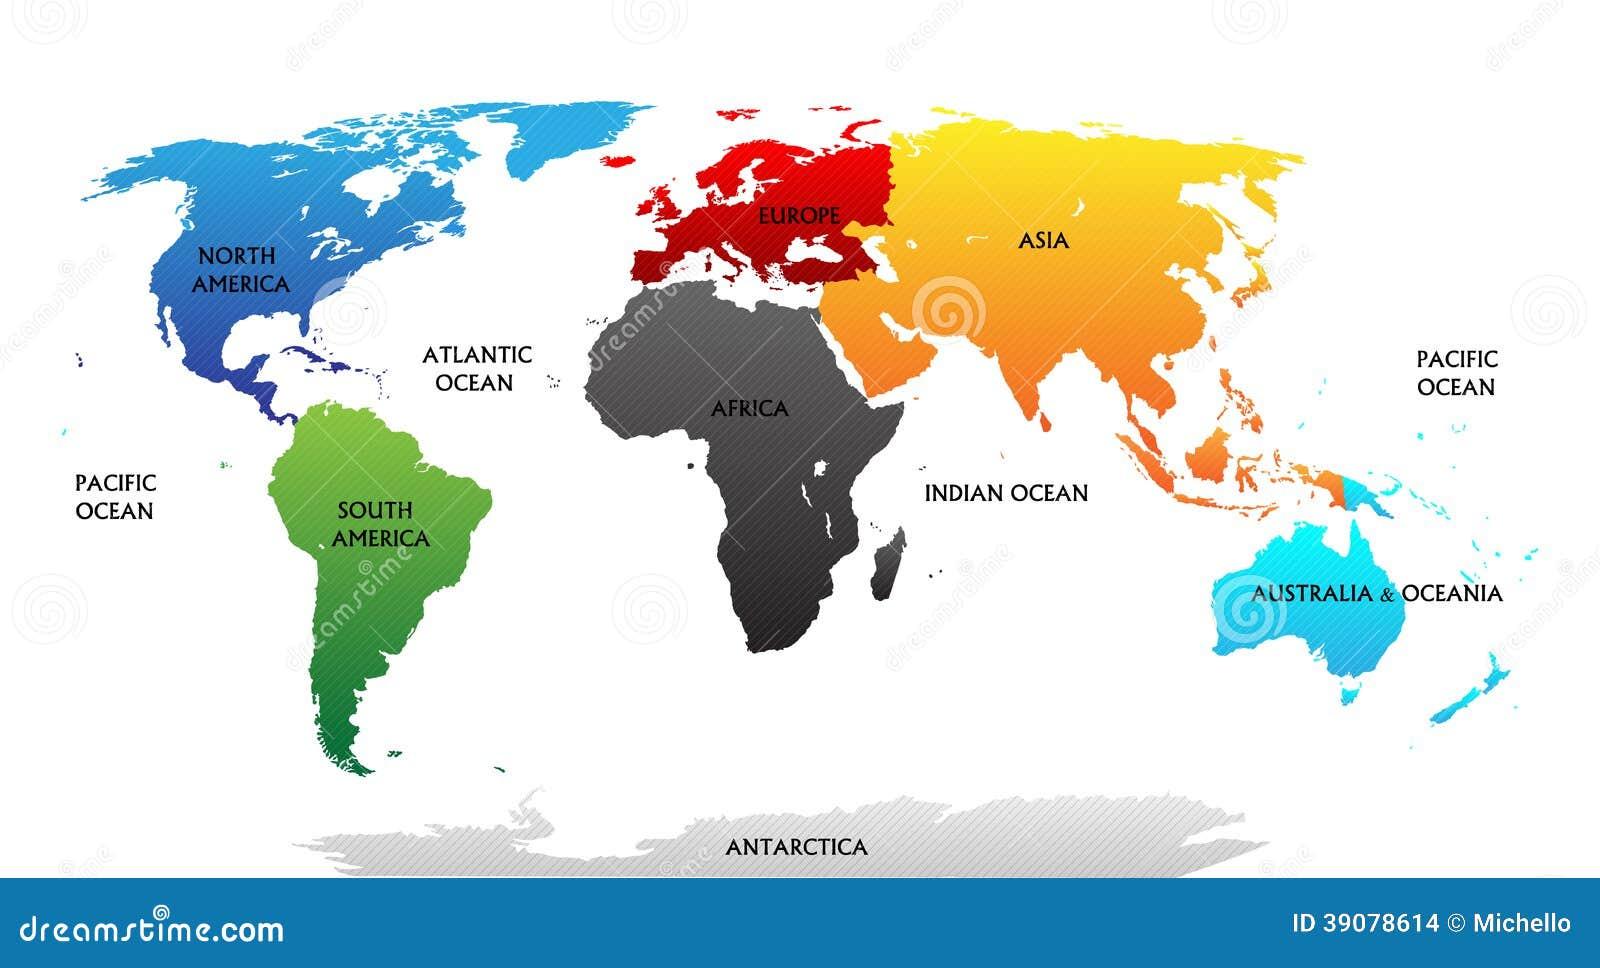 Карта мира с выделенными континентами